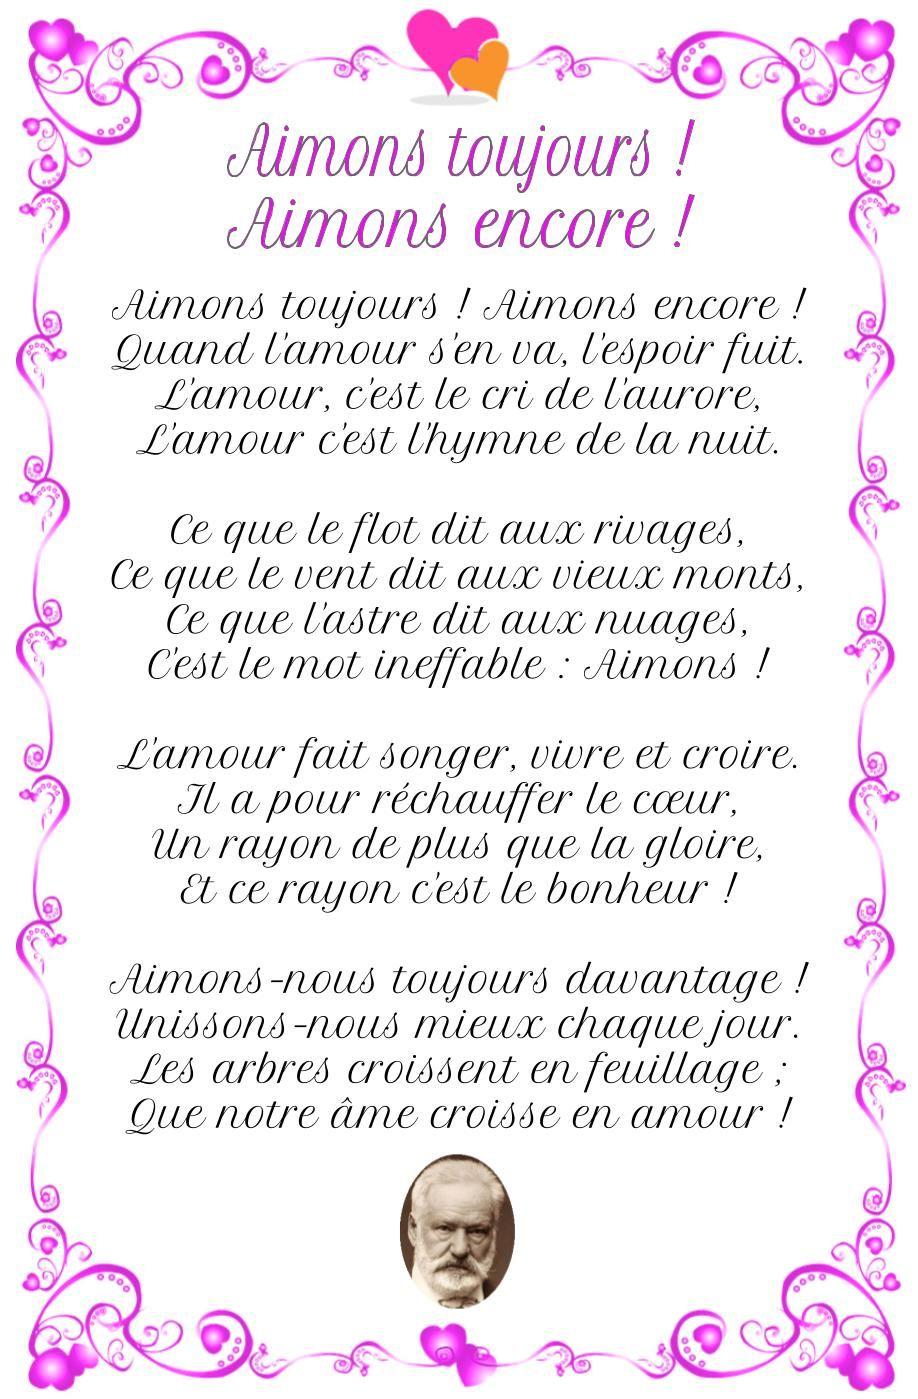 Victor Hugo Poeme D Amour : victor, poeme, amour, Poésie, D'amour:, Aimons, Toujours, Encore, Victor, Poesie, Amour,, Belle, Poésie,